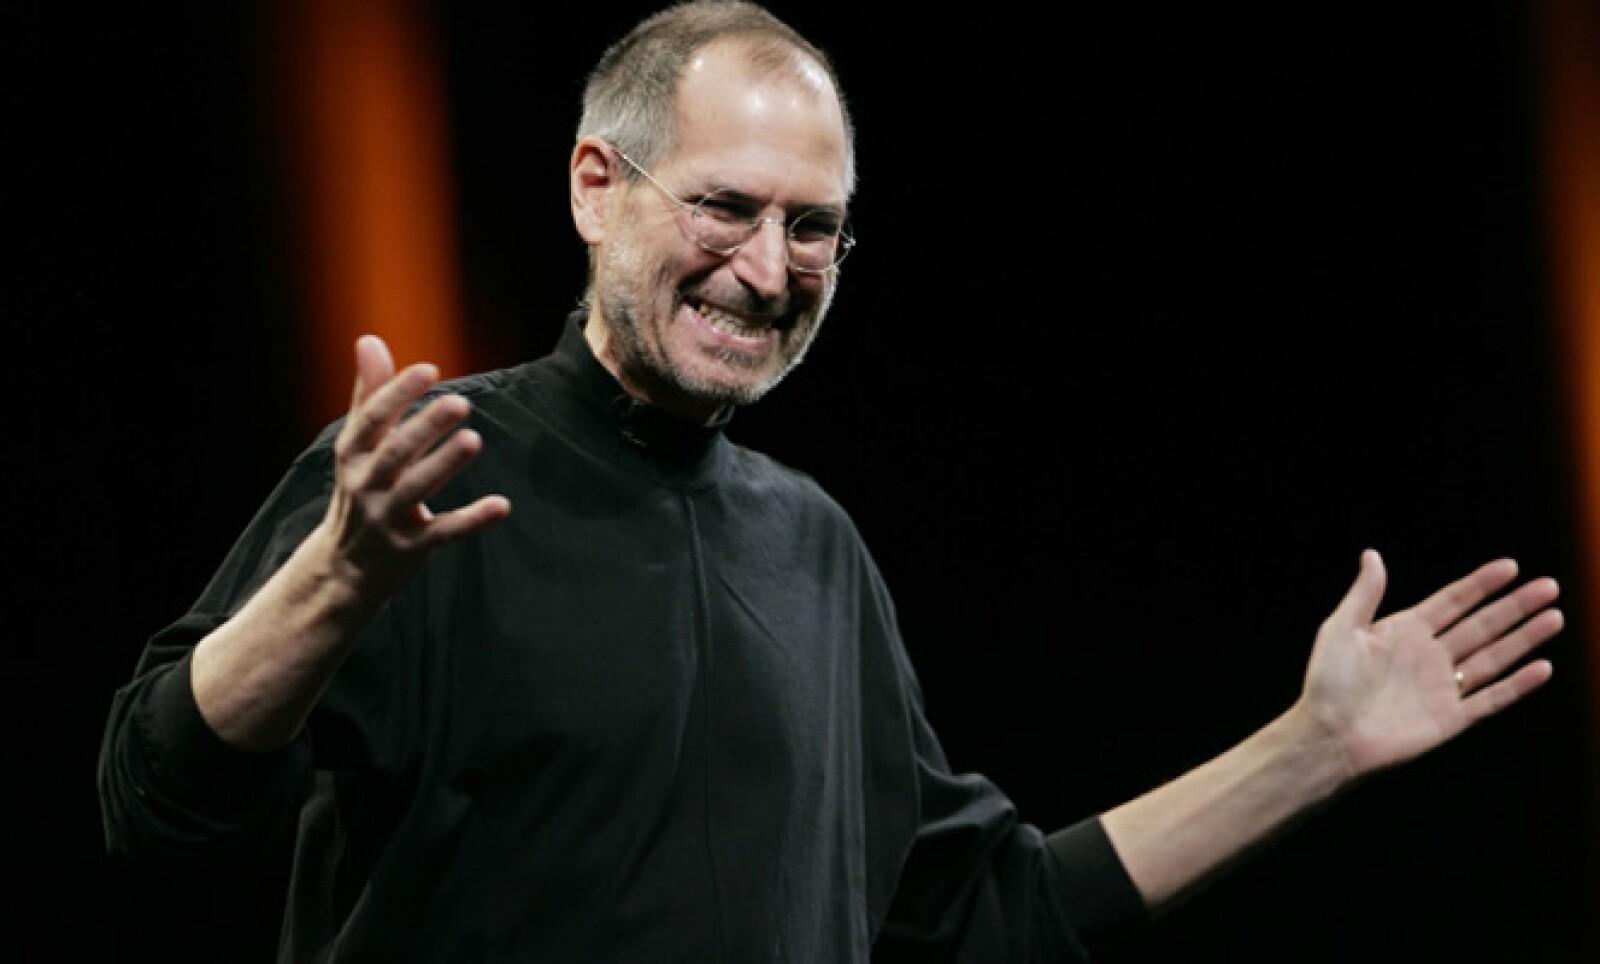 Alan Deutschman, autor de una biografía no autorizada de Jobs, dice que el ex CEO de Apple era un maestro para manejar a los medios con respecto a su vida privada.